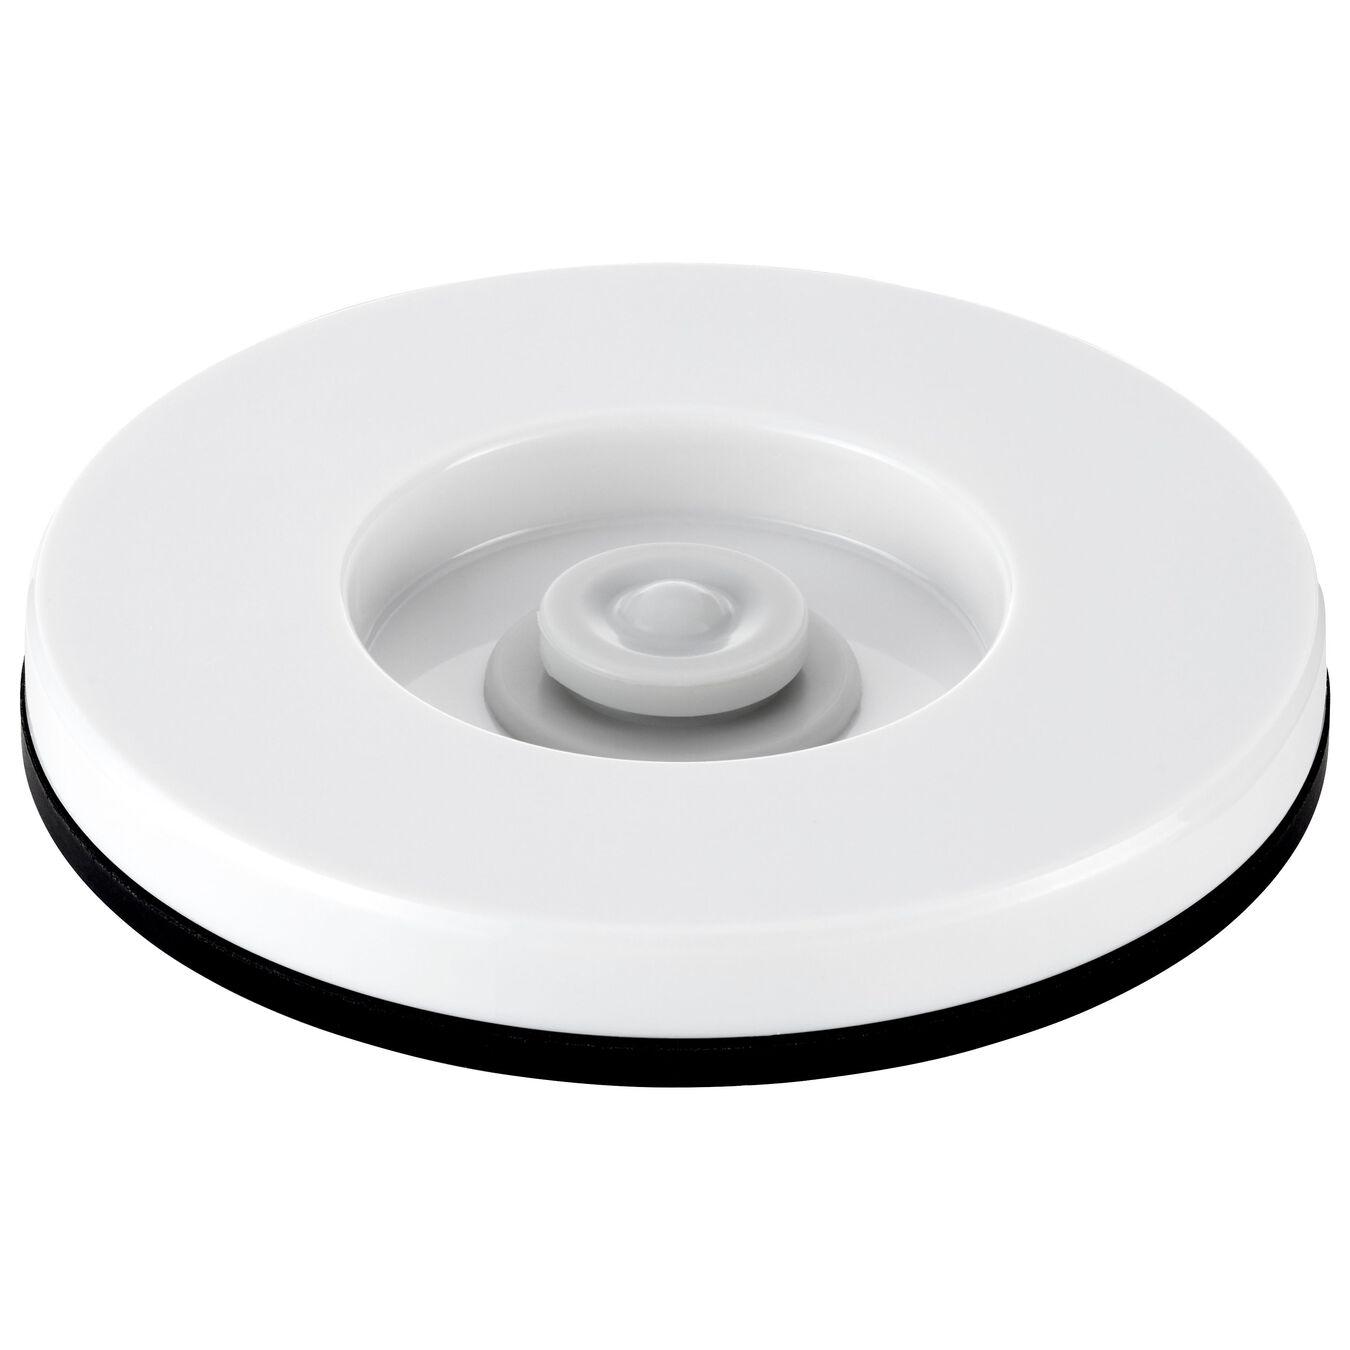 Vakuumadapter für Standmixer Universal/Hochleistungsstandmixer, Weiß,,large 1